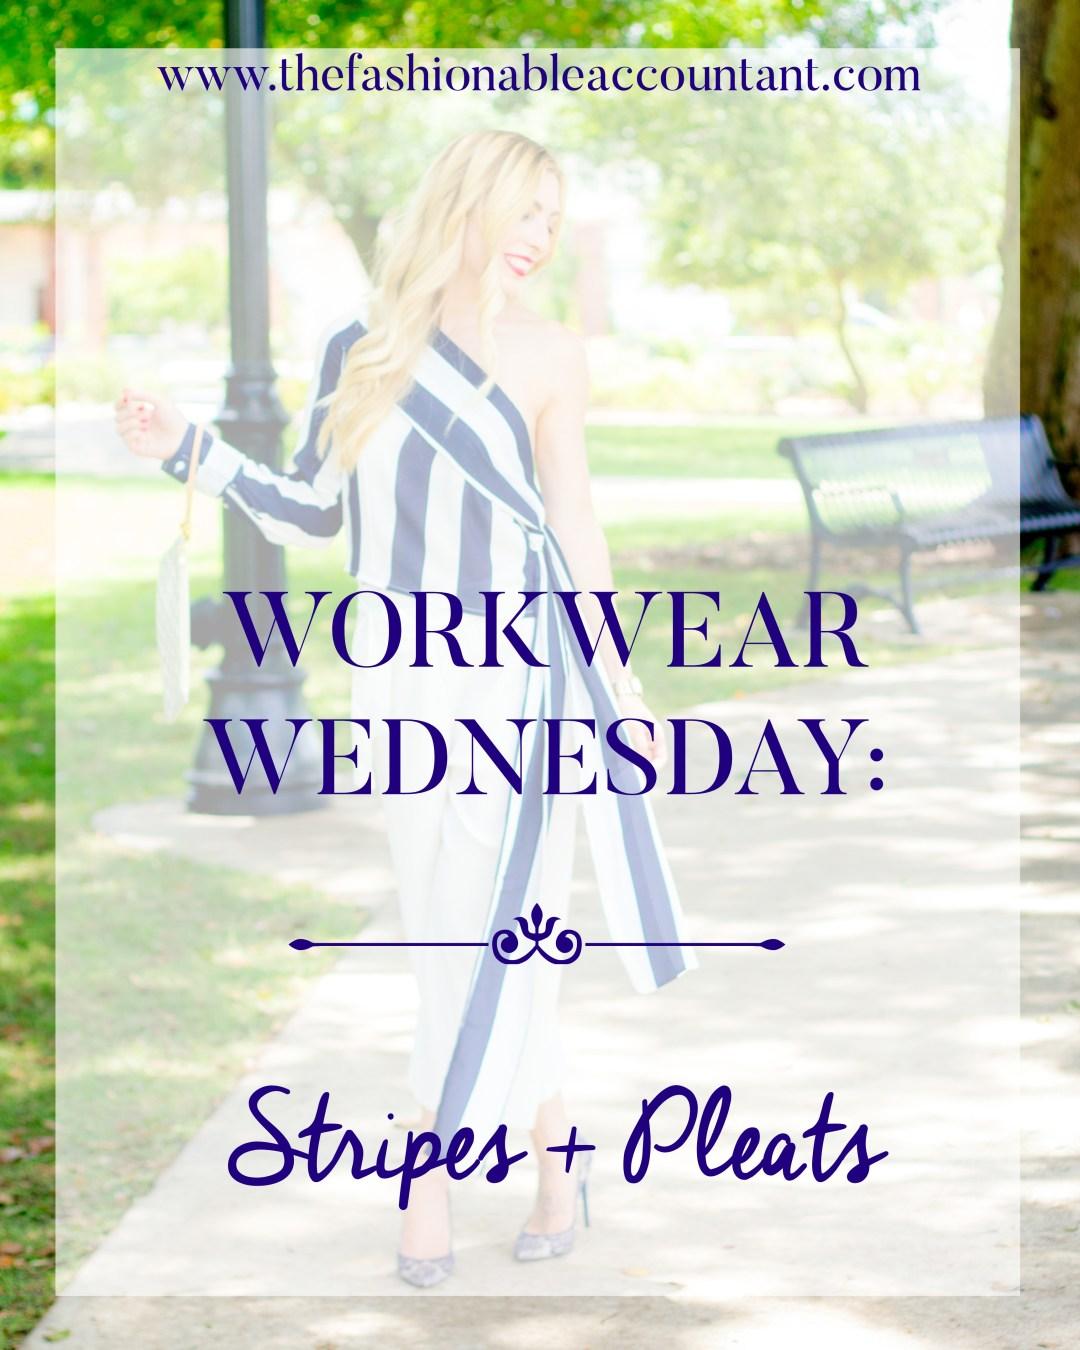 WORKWEAR WEDNESDAY: STRIPES + PLEATS